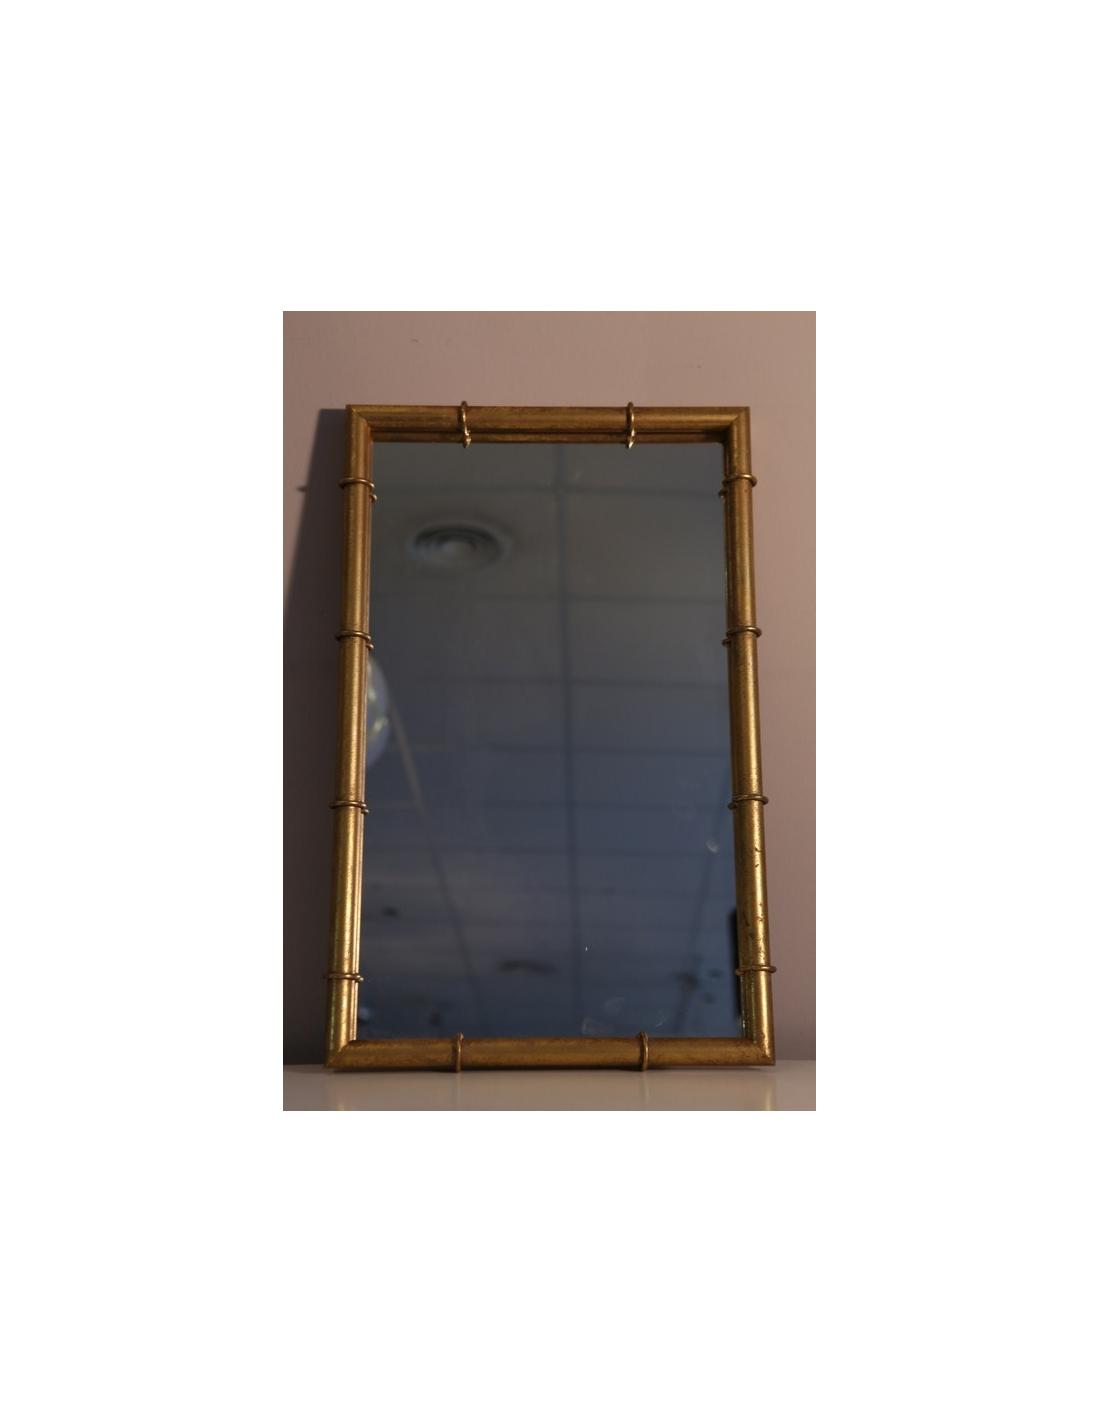 Comprar espejo rectangular bamb con marco de hierro en for Espejo rectangular con marco